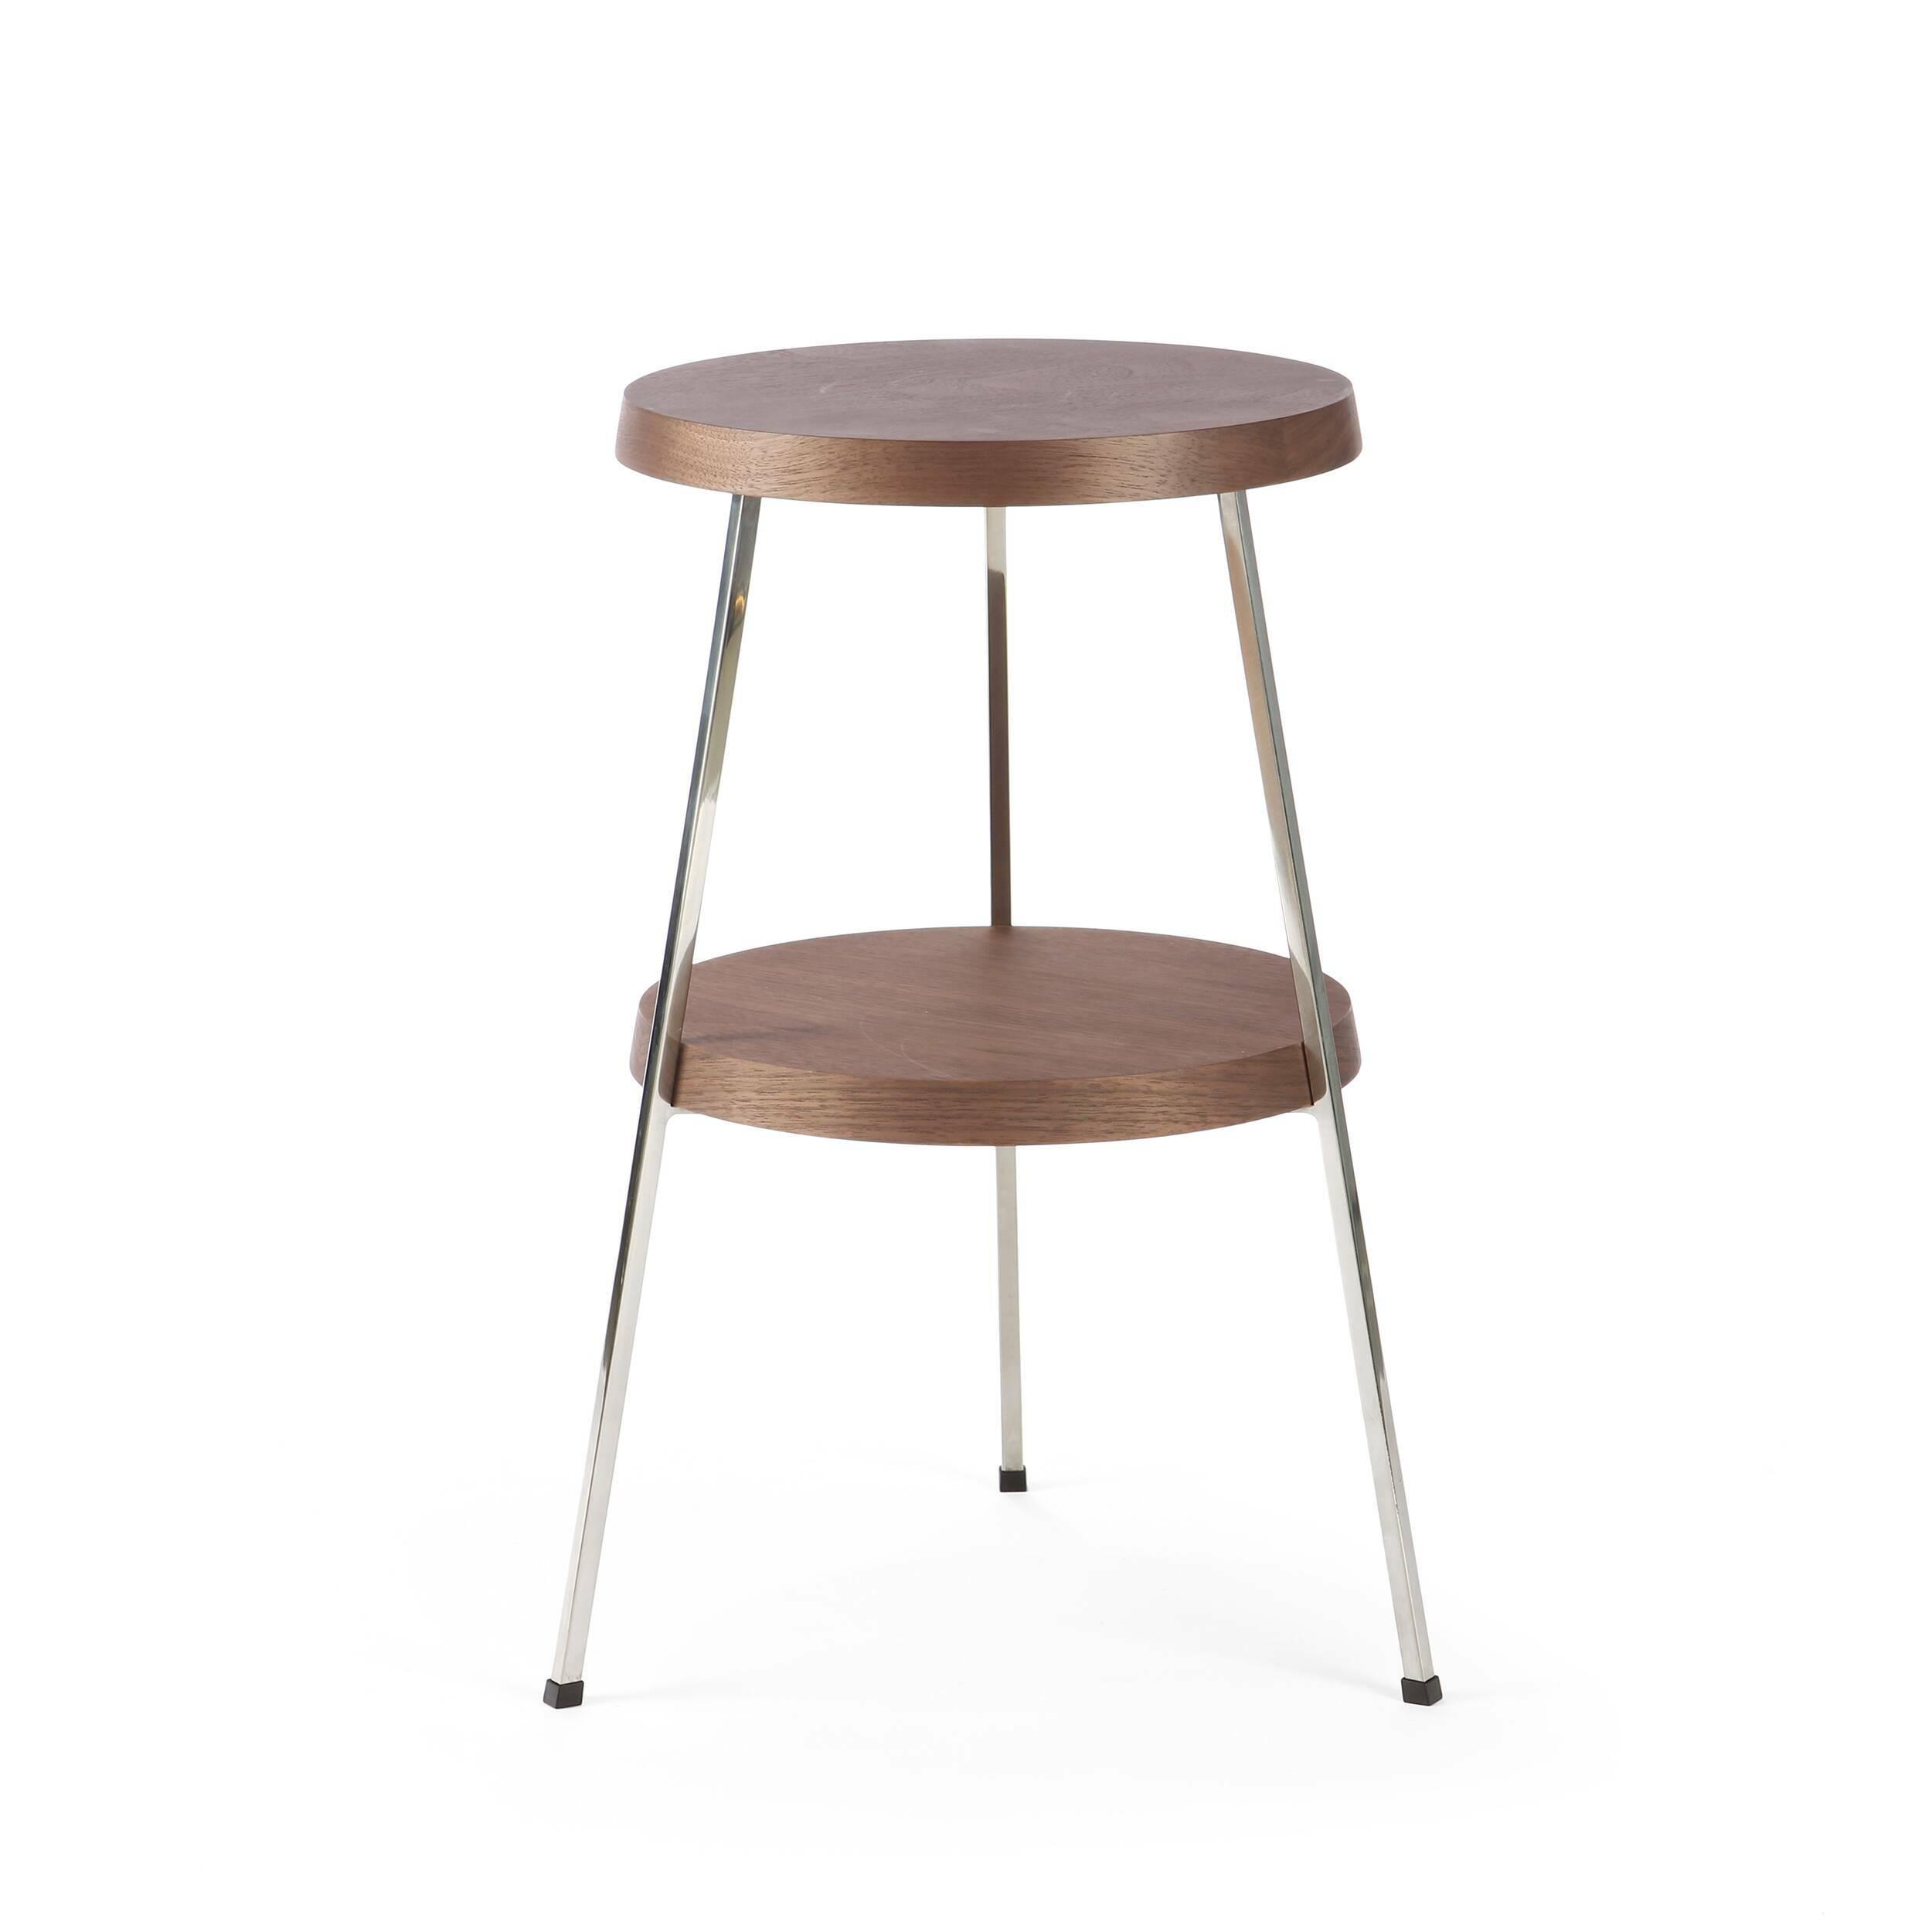 Кофейный стол Two TopКофейные столики<br>Кофейный стол — необязательный, но весьма желательный предмет мебели, который поможет дополнить или завершить интерьер любой гостиной комнаты. Он оказывает большое влияние на атмосферу помещения, дополняя его своей функциональностью и удобством. <br><br><br> Кофейный стол Two Top, разработанный американским дизайнером Шоном Диксом, имеет необычный дизайн и удивительно удобен в использовании за счет своих двух поверхностей. Мебель Шона Дикса минималистична и интеллектуальна, прекрасно обработана...<br><br>stock: 0<br>Высота: 53,5<br>Диаметр: 30<br>Цвет ножек: Хром<br>Цвет столешницы: Орех американский<br>Материал столешницы: Фанера, шпон ореха<br>Тип материала столешницы: Фанера<br>Тип материала ножек: Сталь нержавеющая